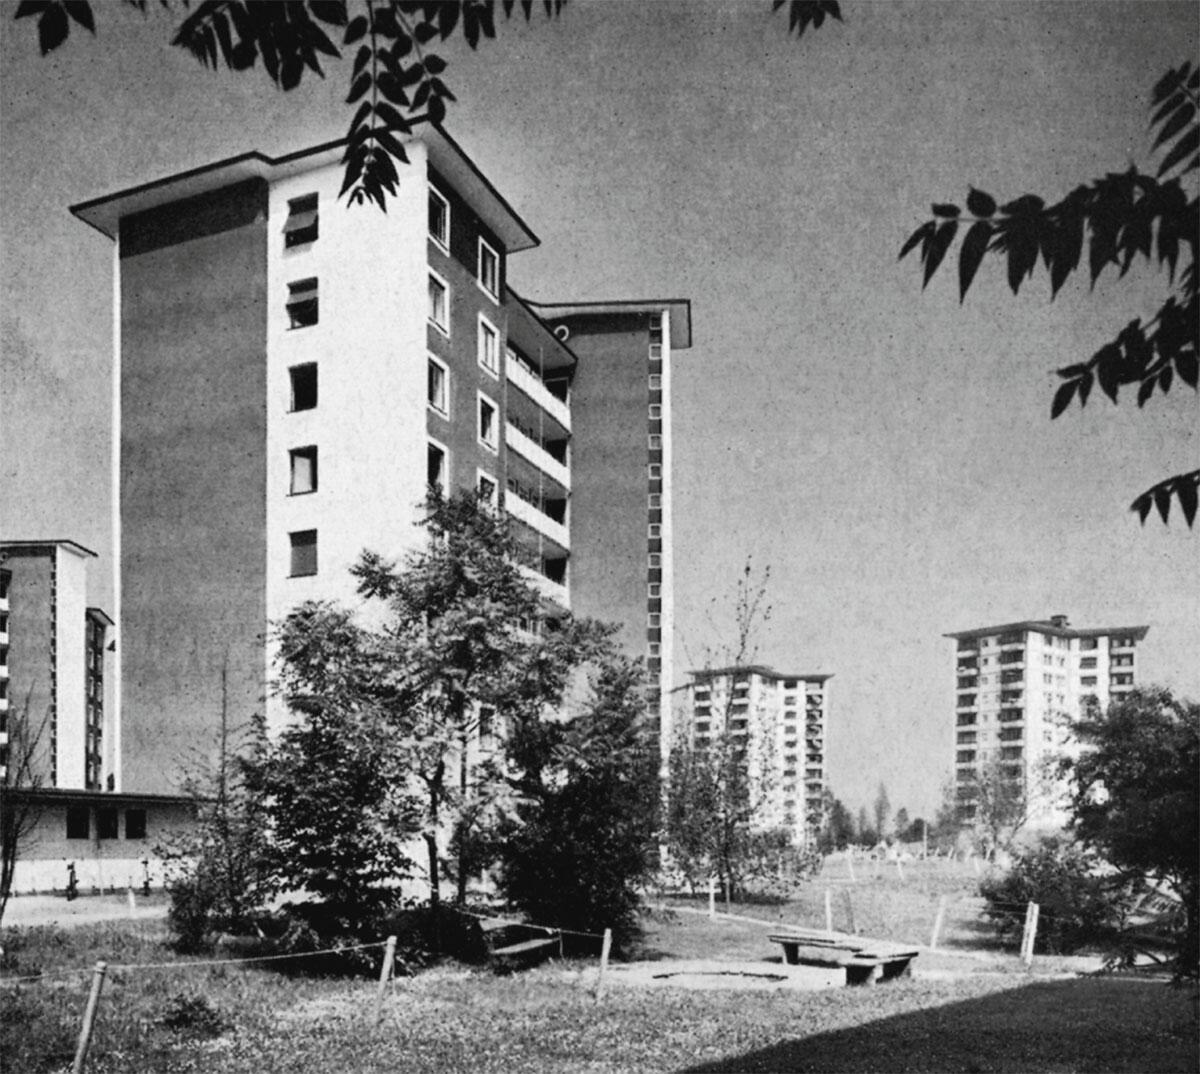 Der Westen bevorzugte einzelne Punktbauten ausserhalb der Stadtzentren; Zürich, Hochhäuser am Letzigraben, A. H. Steiner, 1951-1953